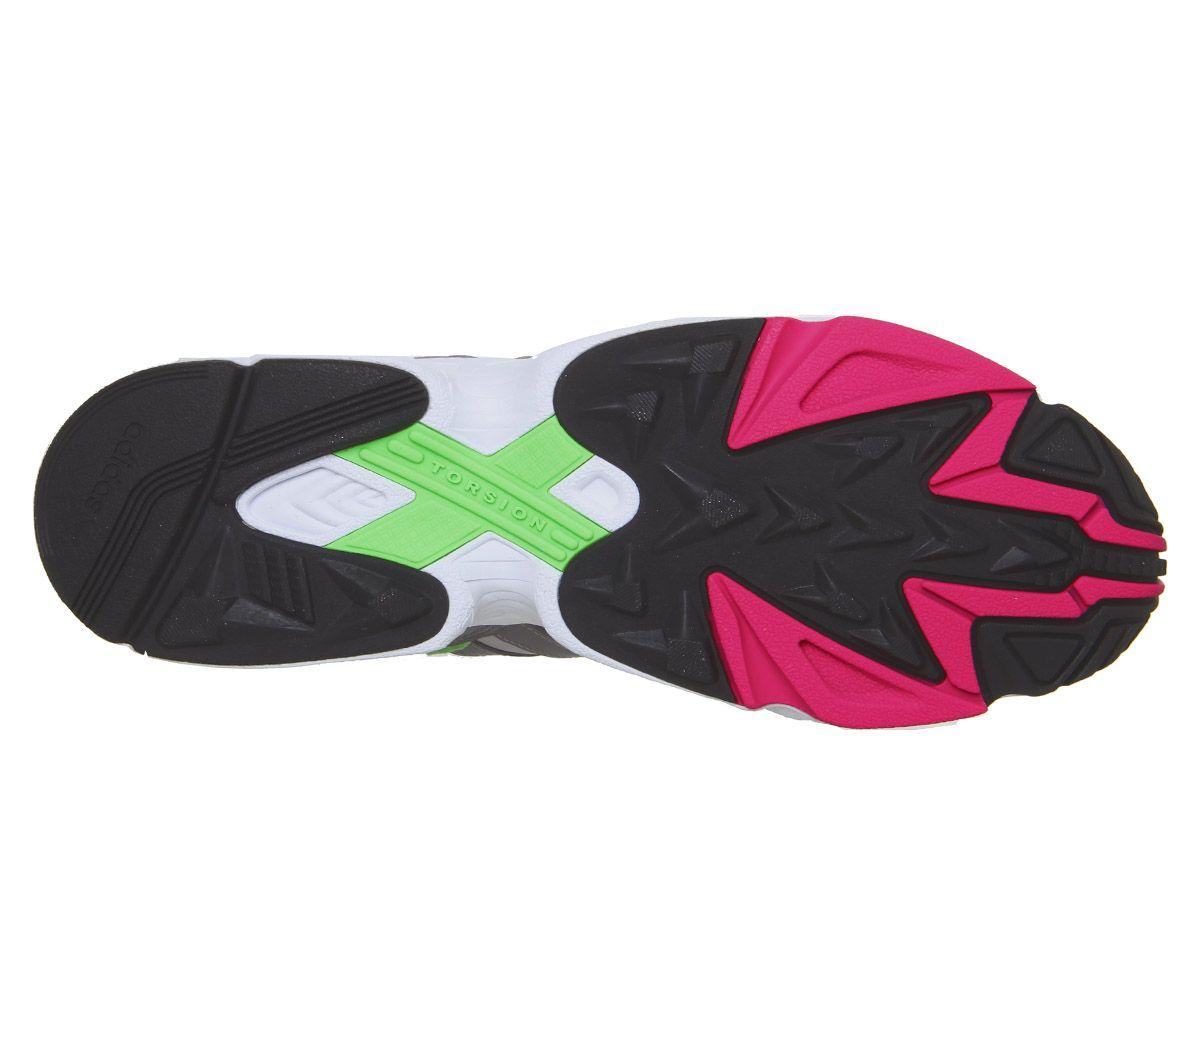 Dettagli su ADIDAS Yung 96 Scarpe da ginnastica Grey Grigio Due Tre Scarpe da ginnastica rosa shock mostra il titolo originale